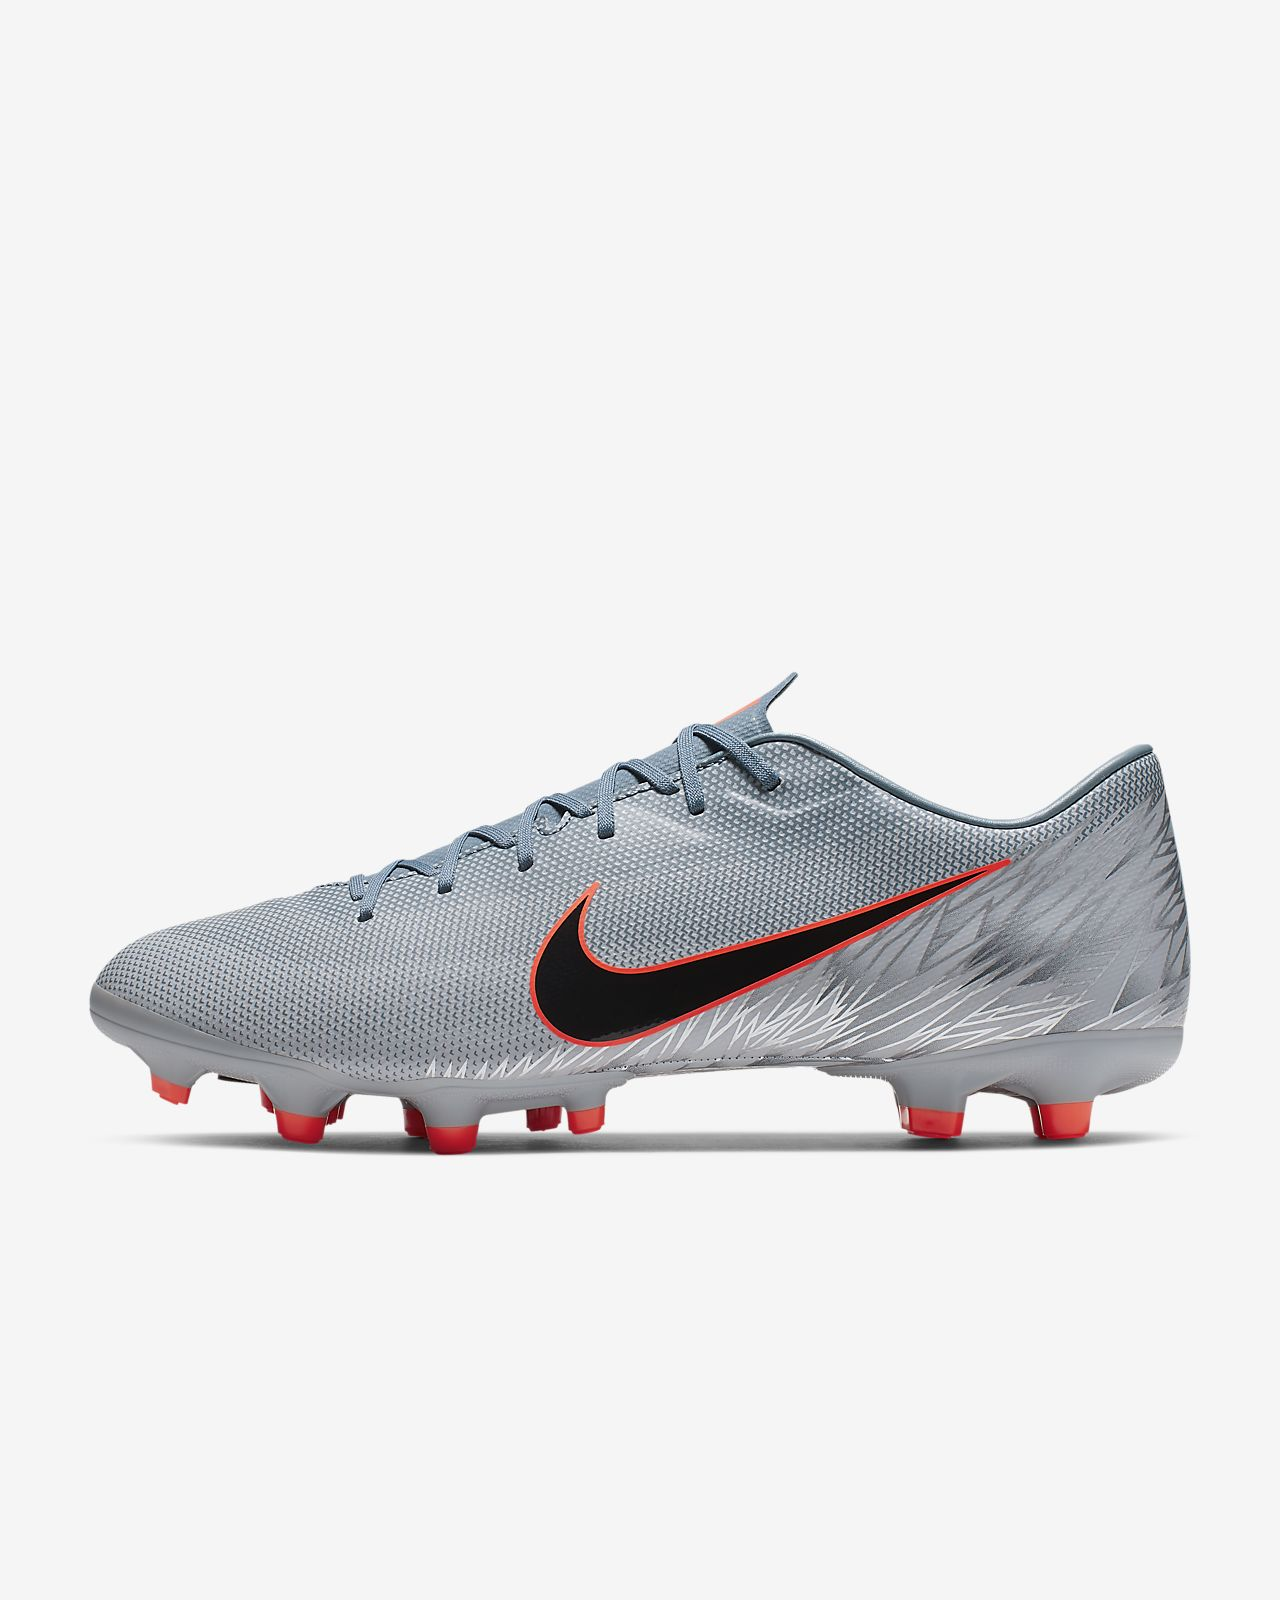 Fotbollssko för varierat underlag Nike Vapor 12 Academy MG